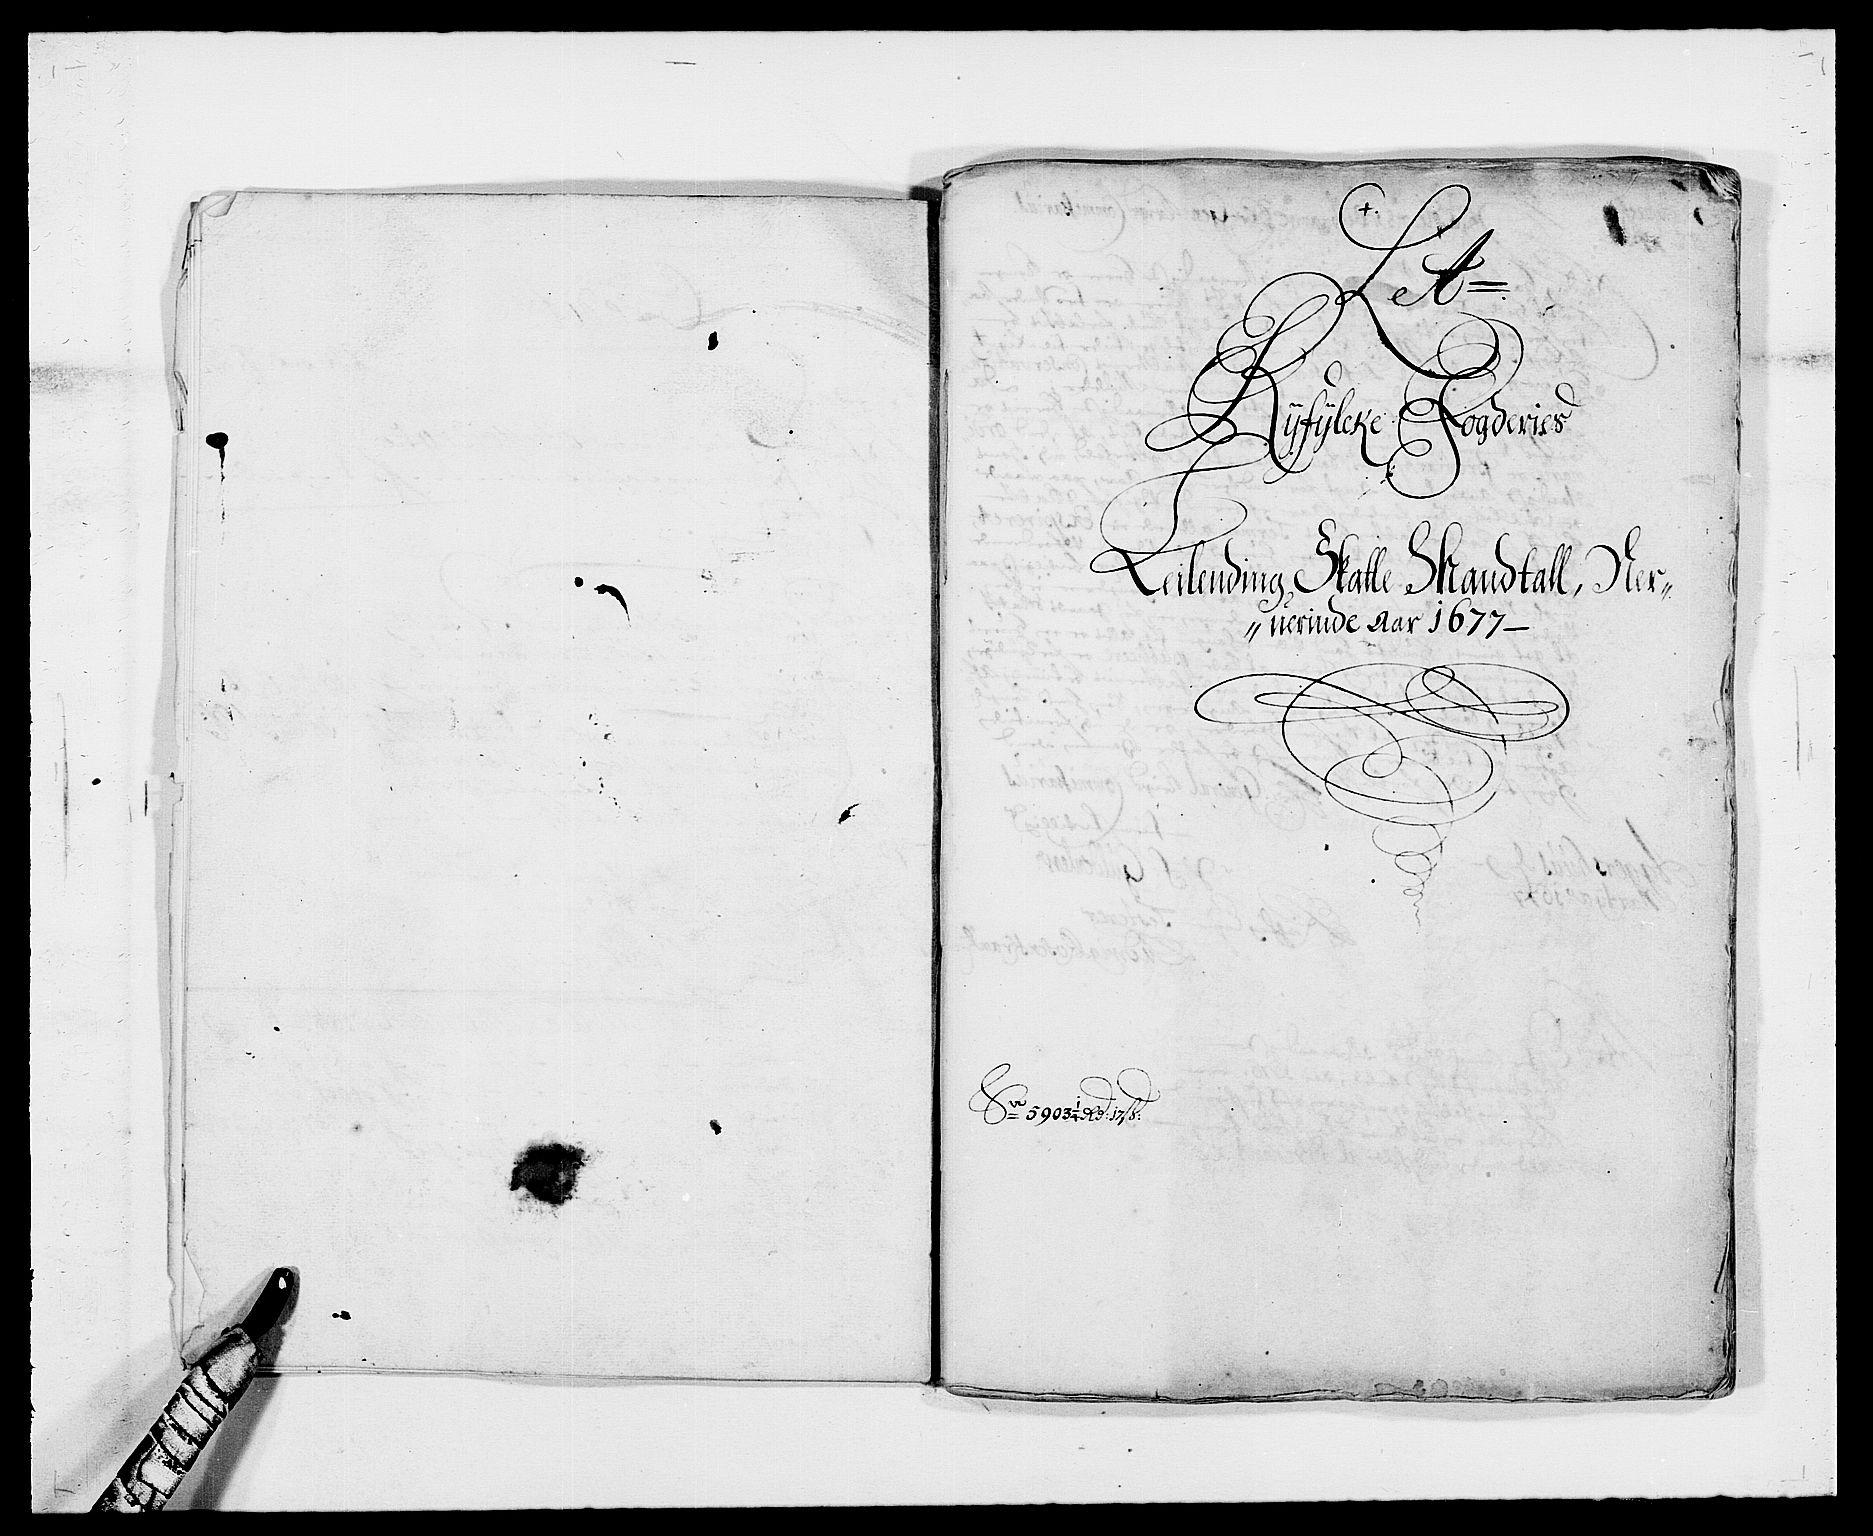 RA, Rentekammeret inntil 1814, Reviderte regnskaper, Fogderegnskap, R47/L2847: Fogderegnskap Ryfylke, 1677, s. 12